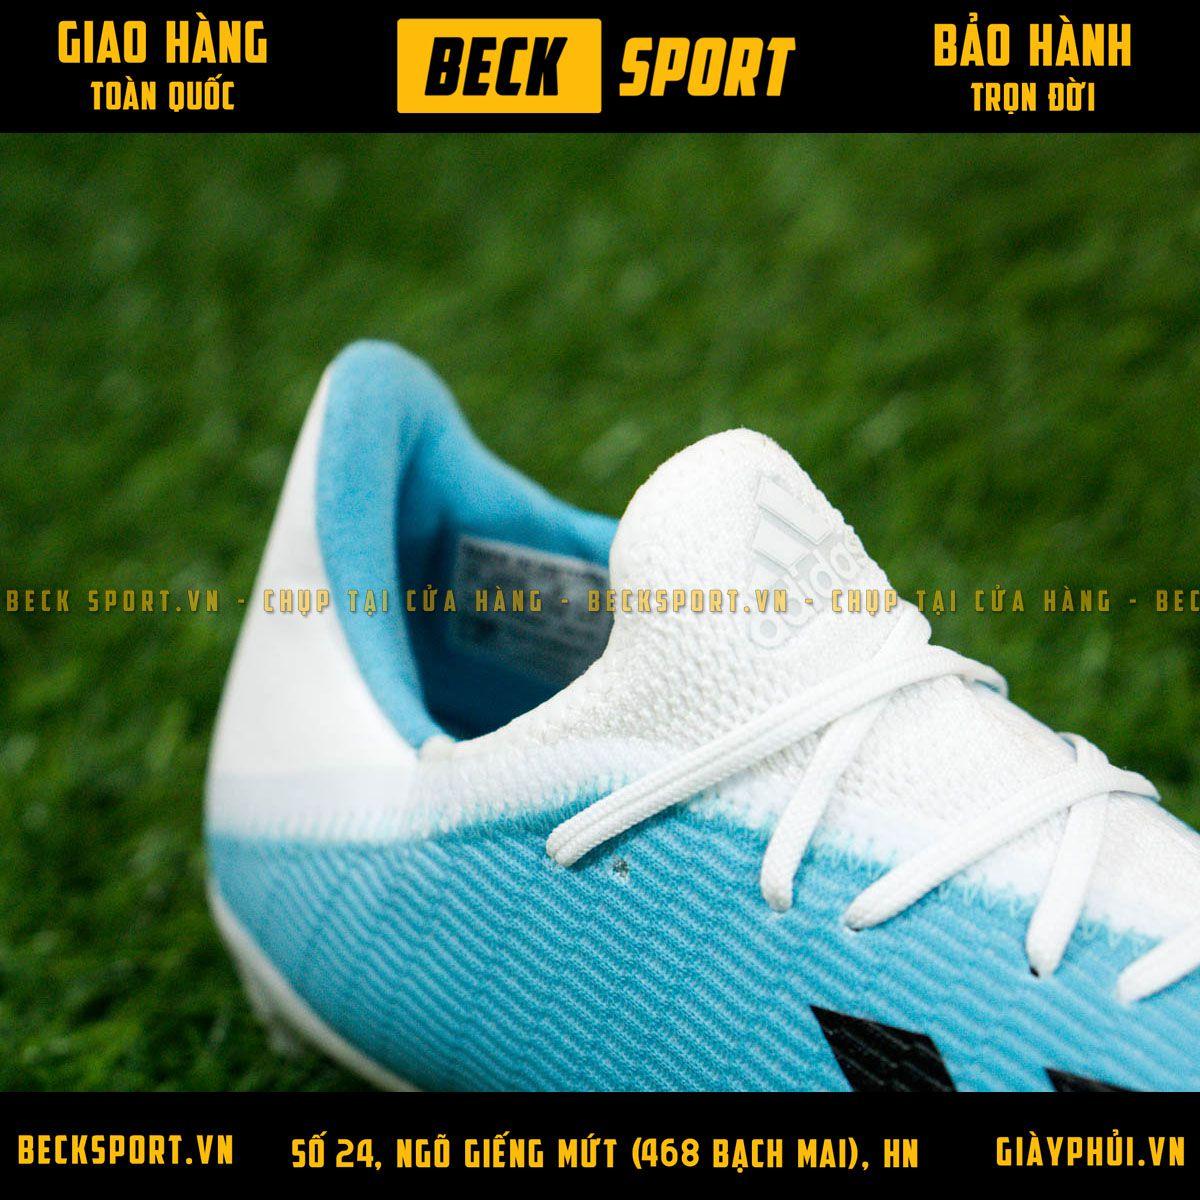 Giày Bóng Đá Adidas X 19.3 Xanh Biển Vạch Đen Gót Trắng FG